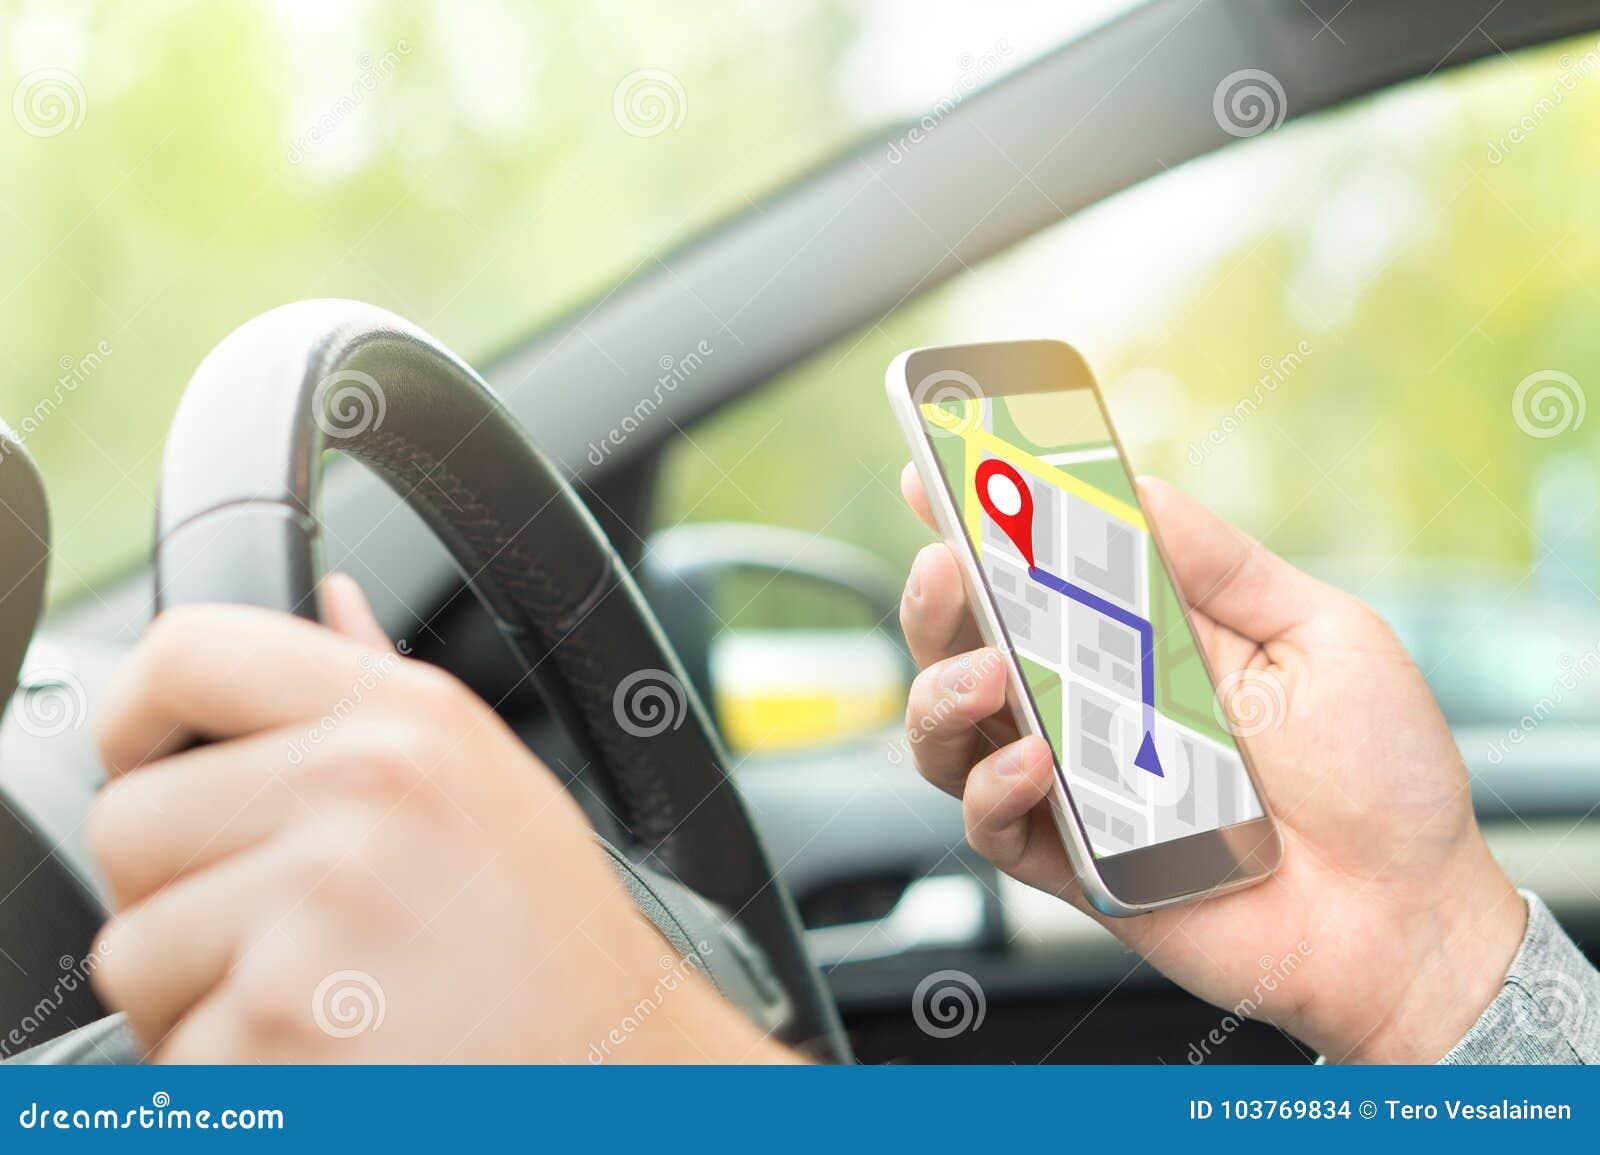 Οδηγώντας αυτοκίνητο ατόμων και χρησιμοποίηση του σε απευθείας σύνδεση χάρτη και της εφαρμογής ΠΣΤ